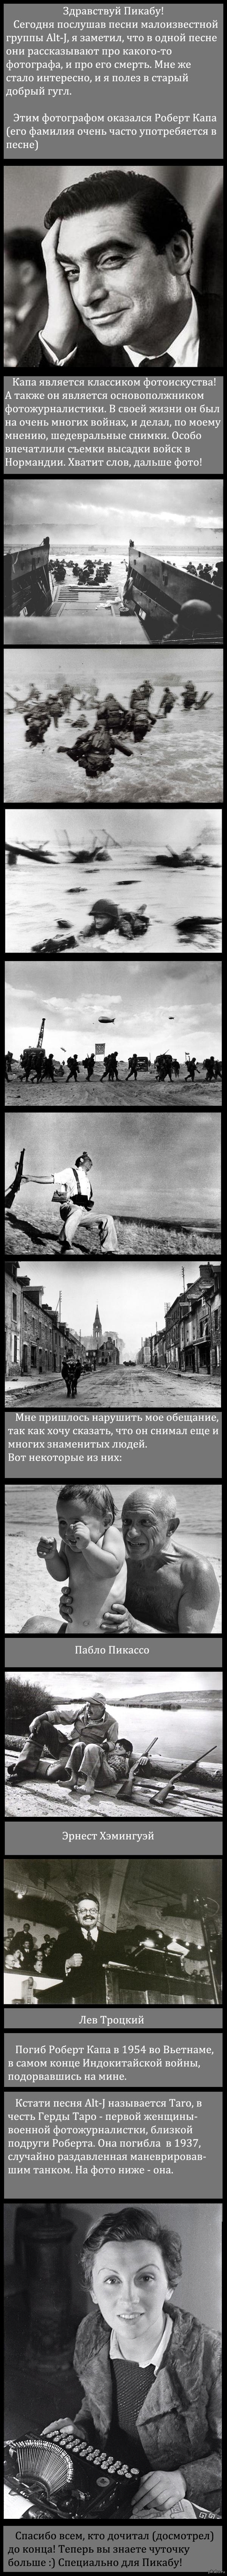 Военный фотожурналист Роберт Капа и его фото Песня Alt-J - Taro.